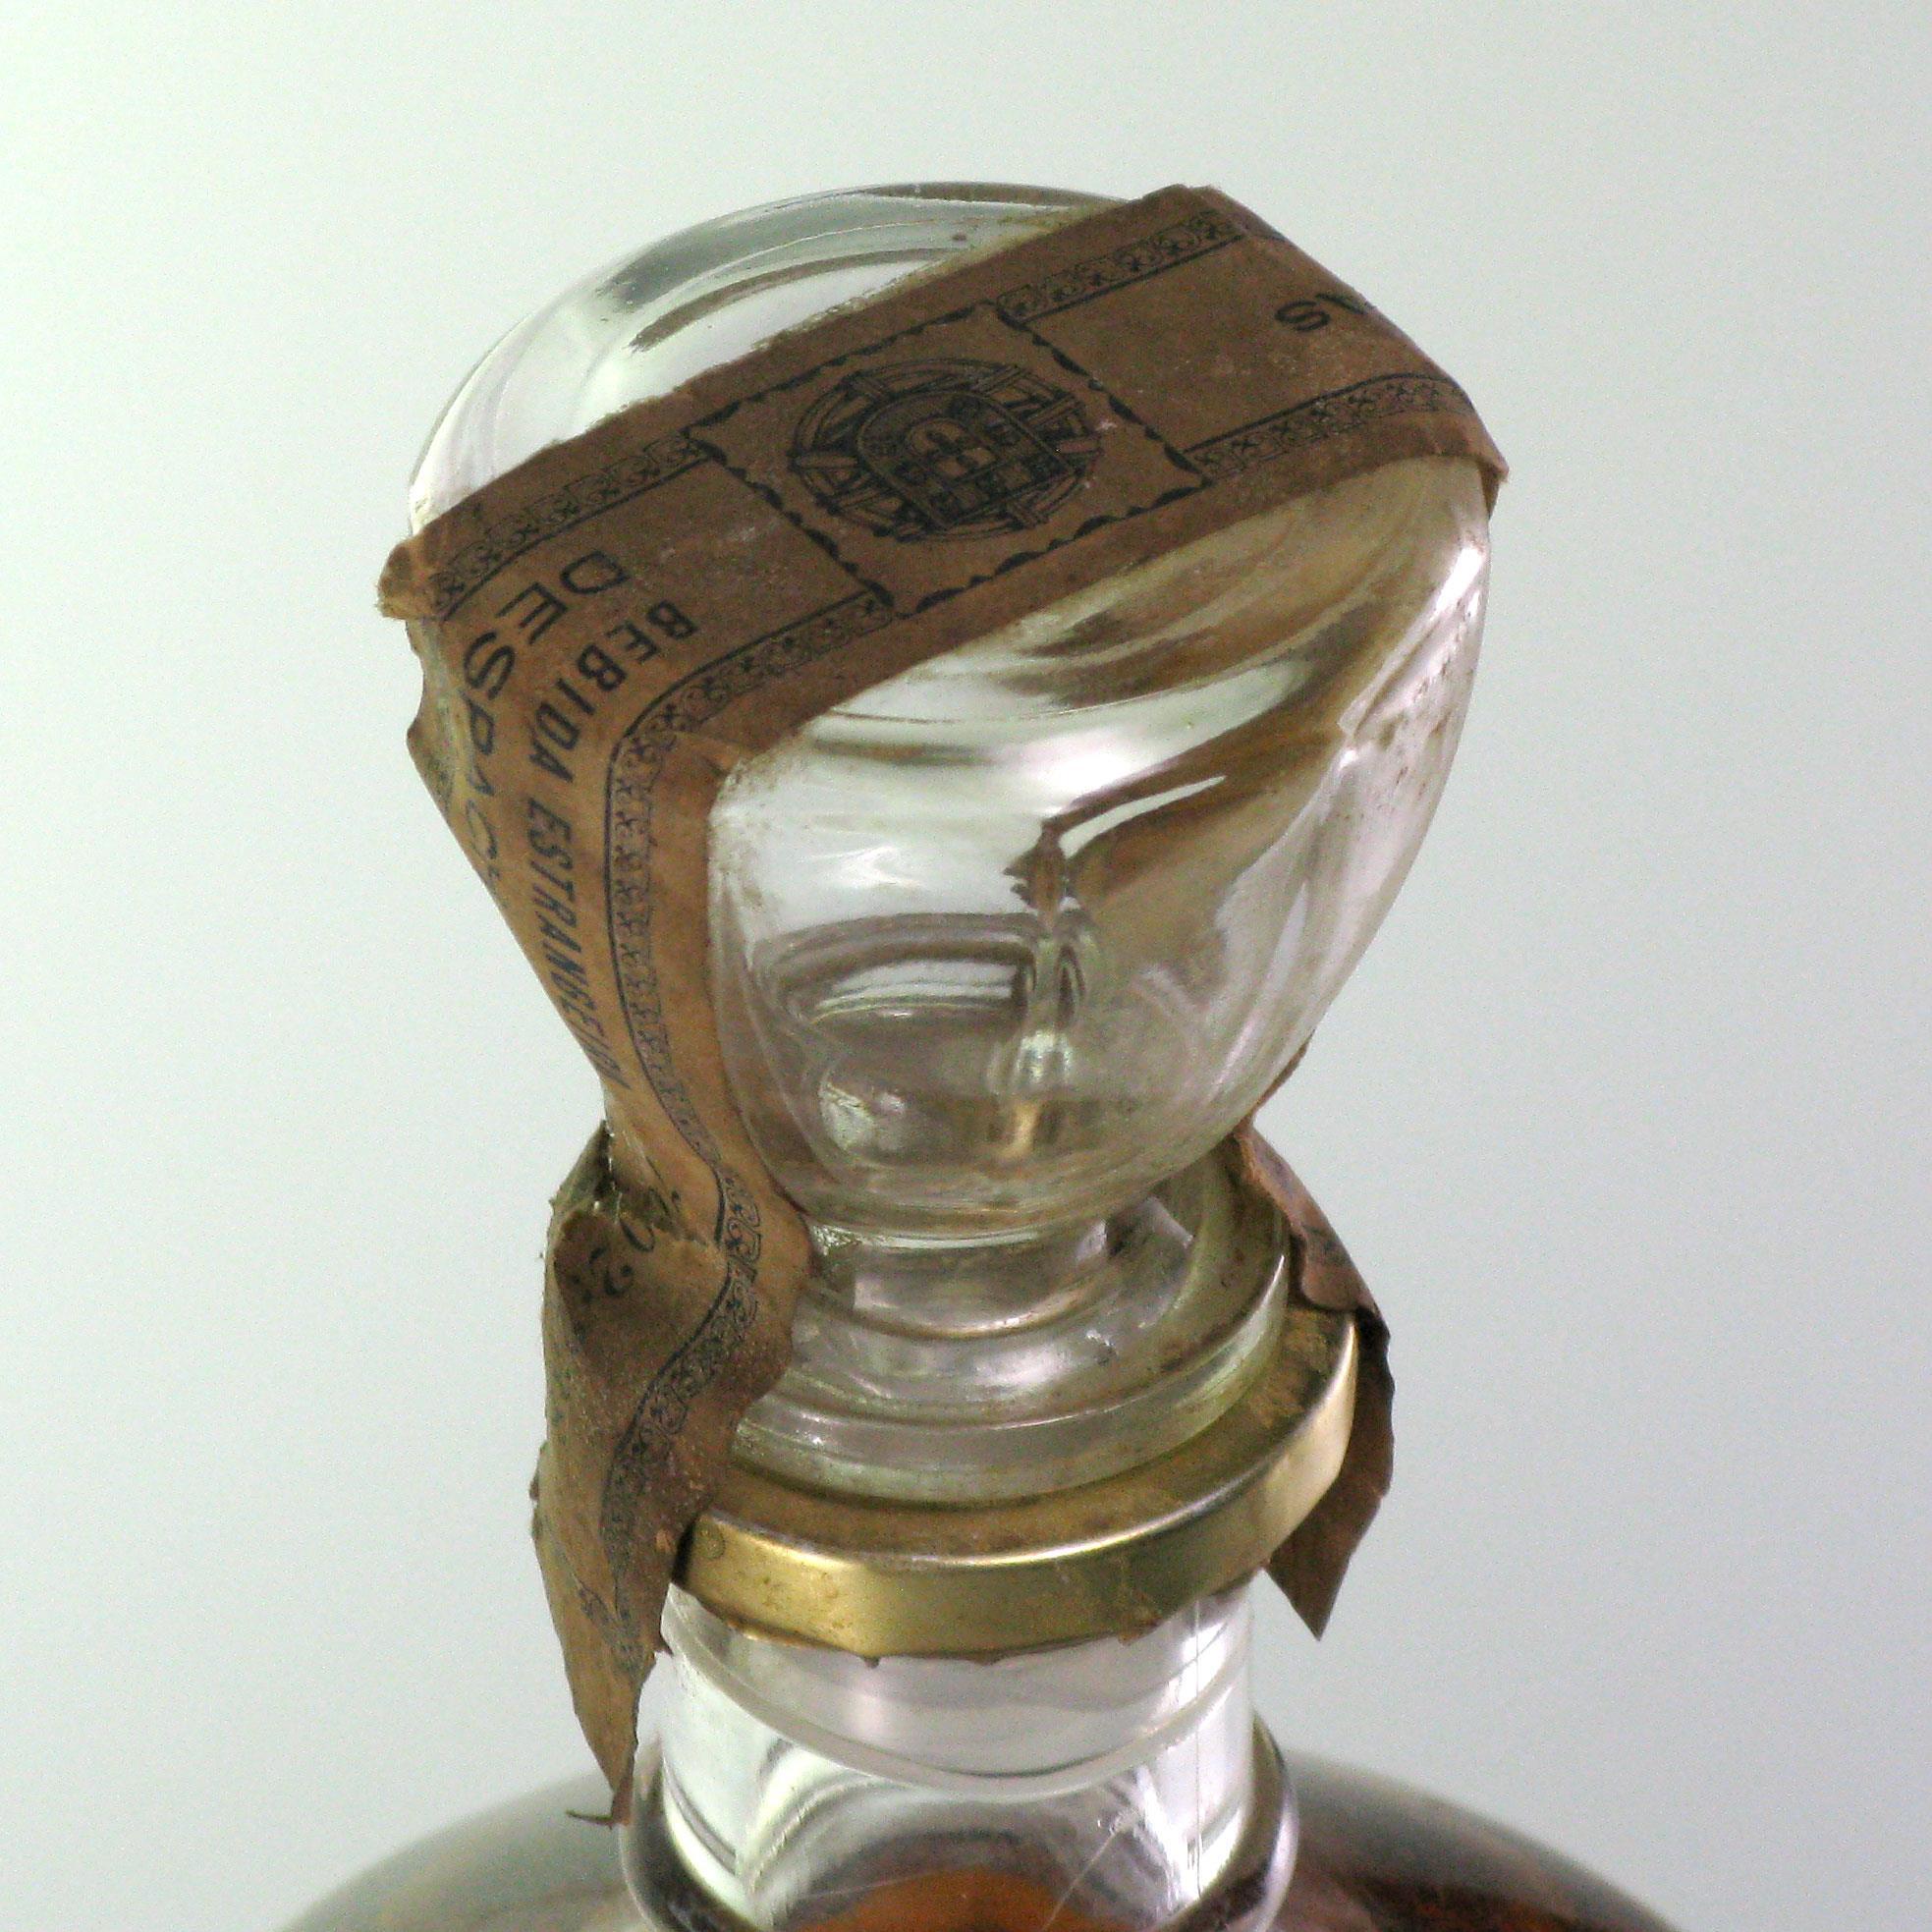 Cognac Prince Hubert de Polignac Carafe 50cl